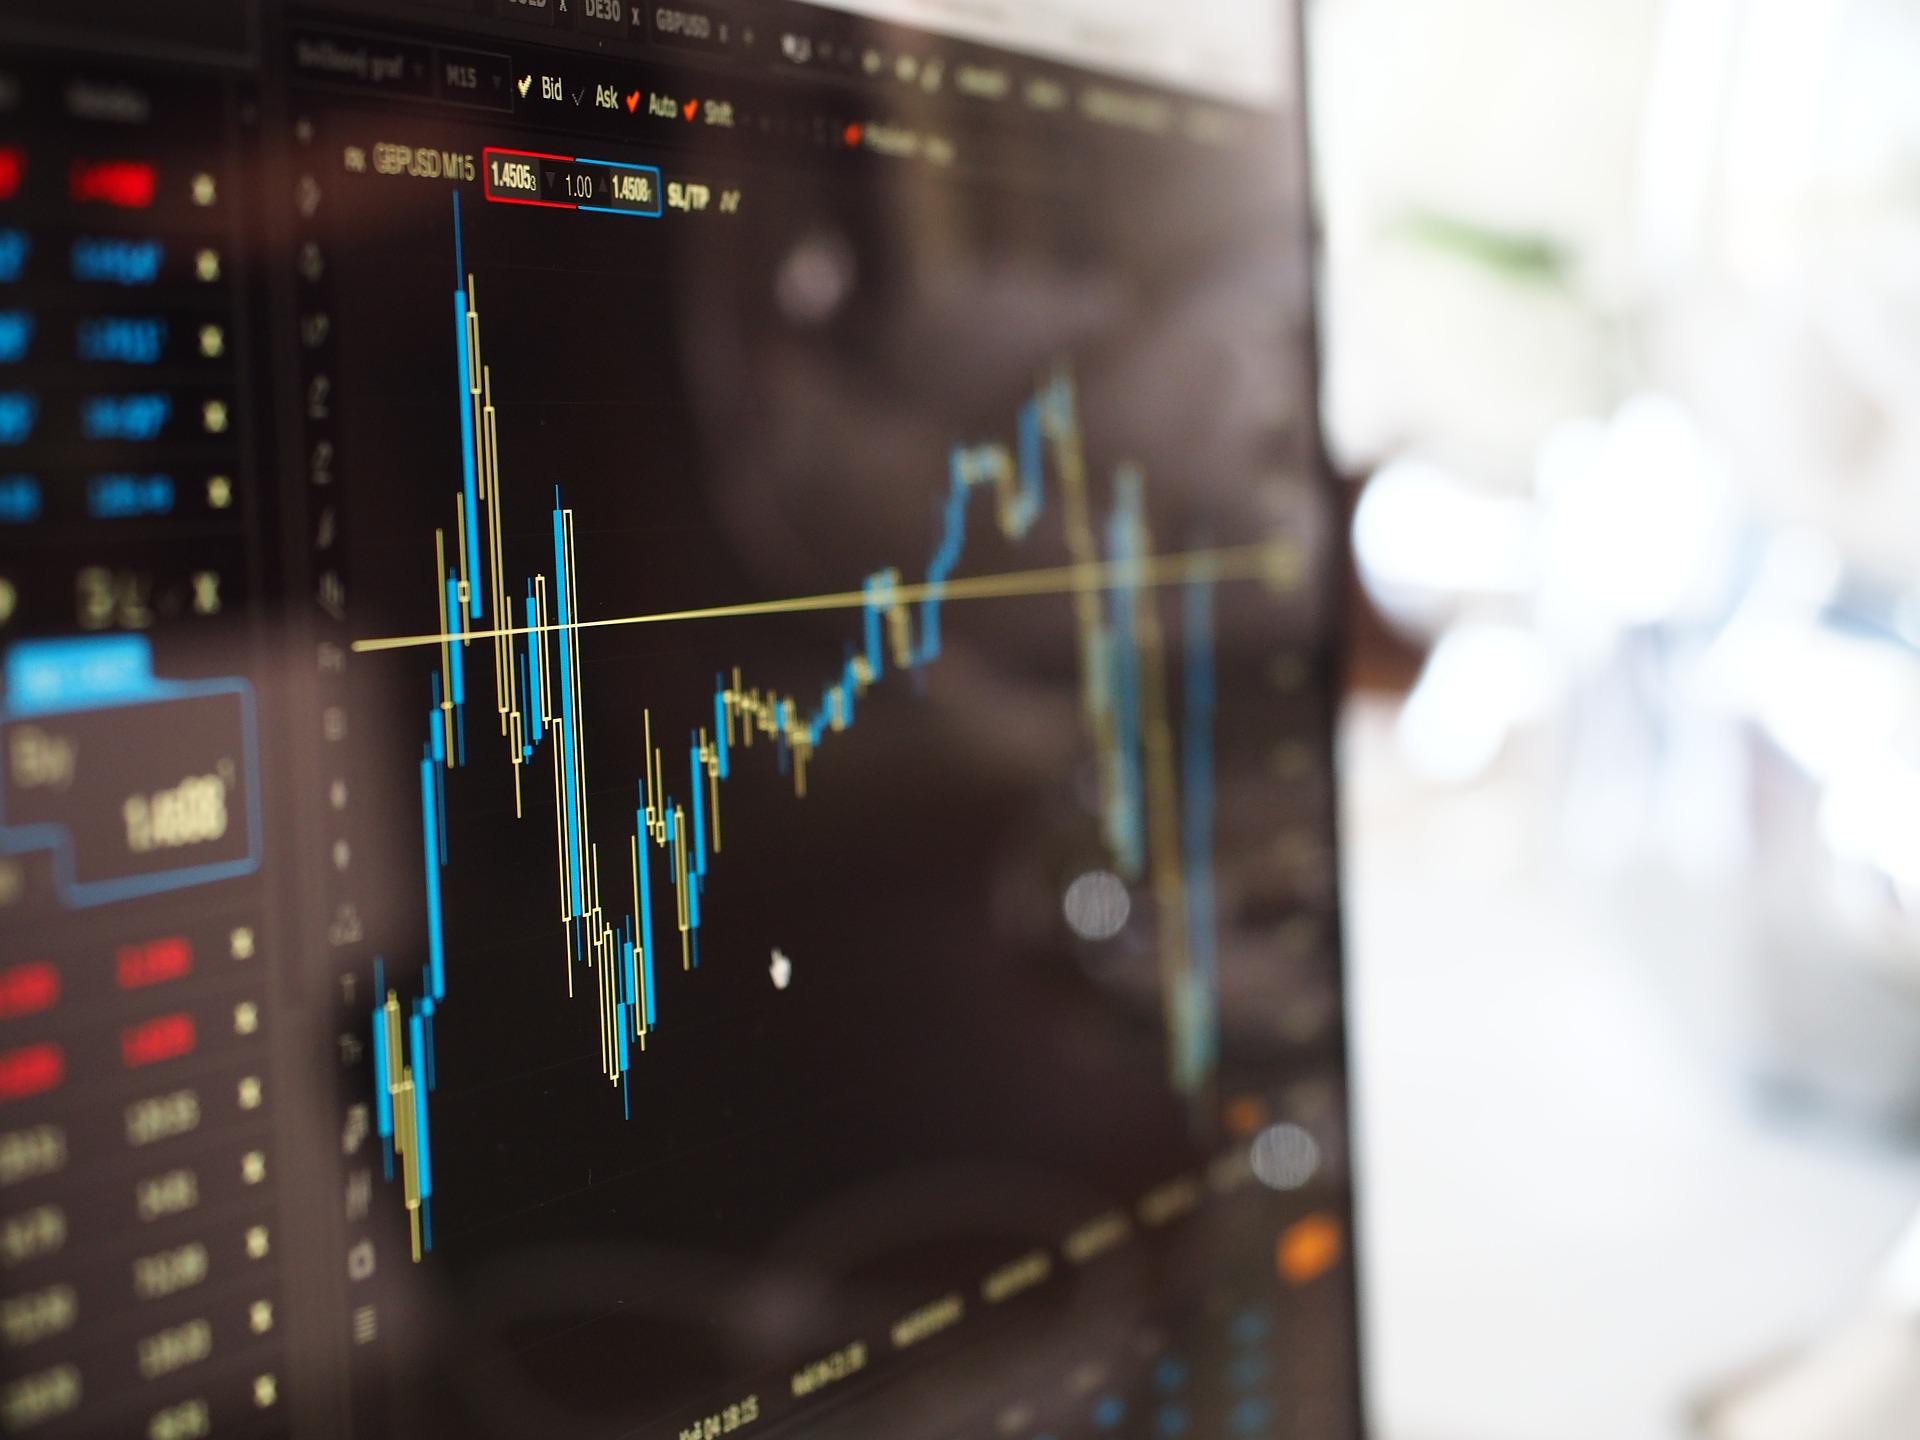 金融知識を学ぶ【株価チャートの見方を簡単解説】